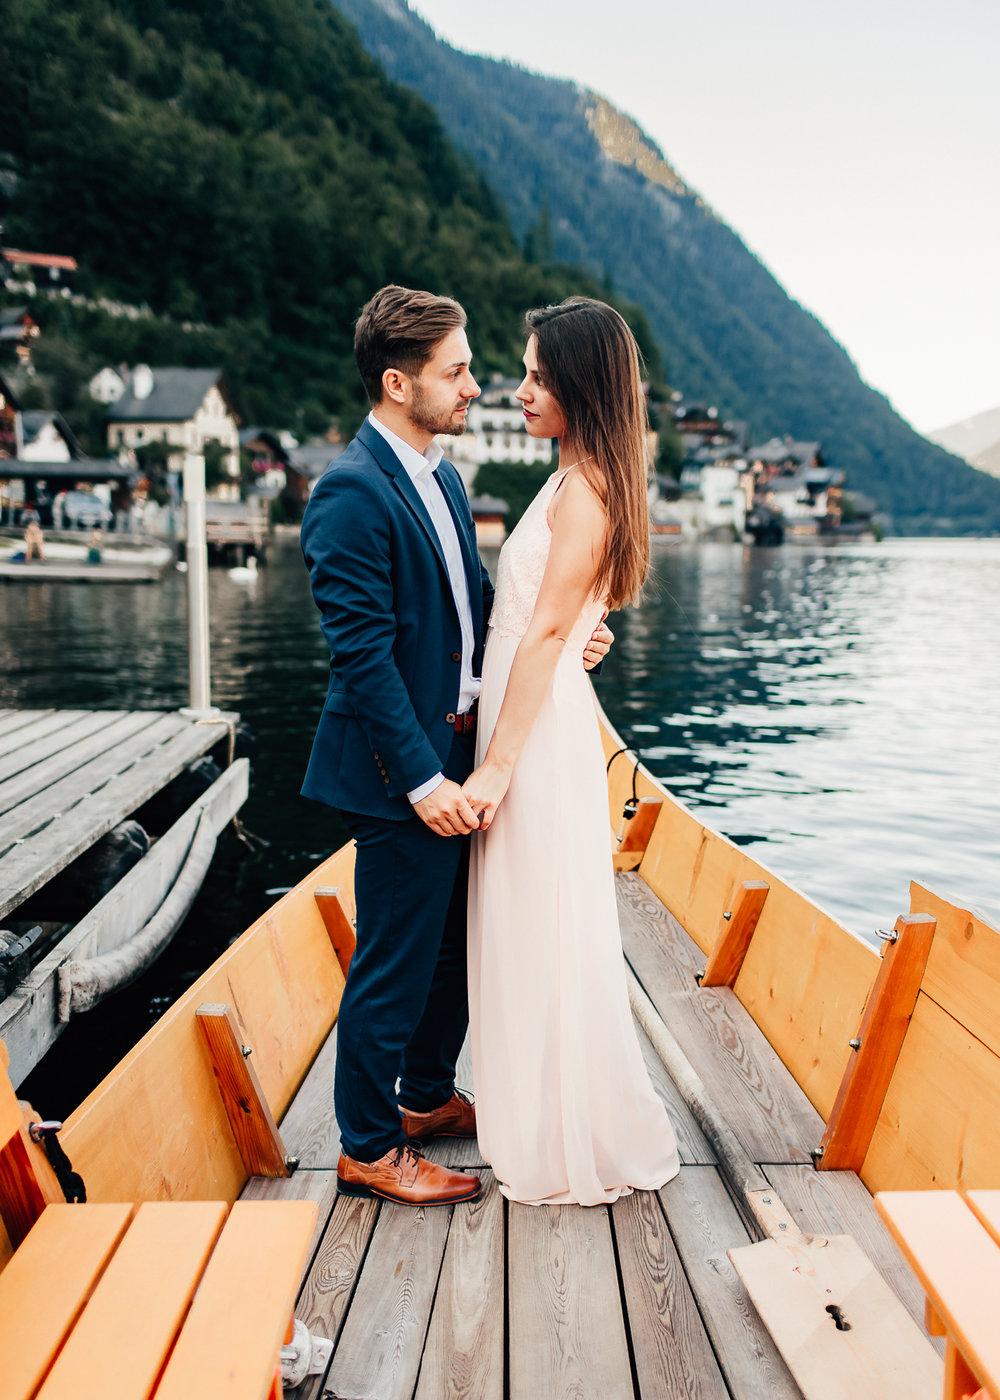 hallstatt-austria-wedding-photographer-emily-kirke (7 of 25).jpg